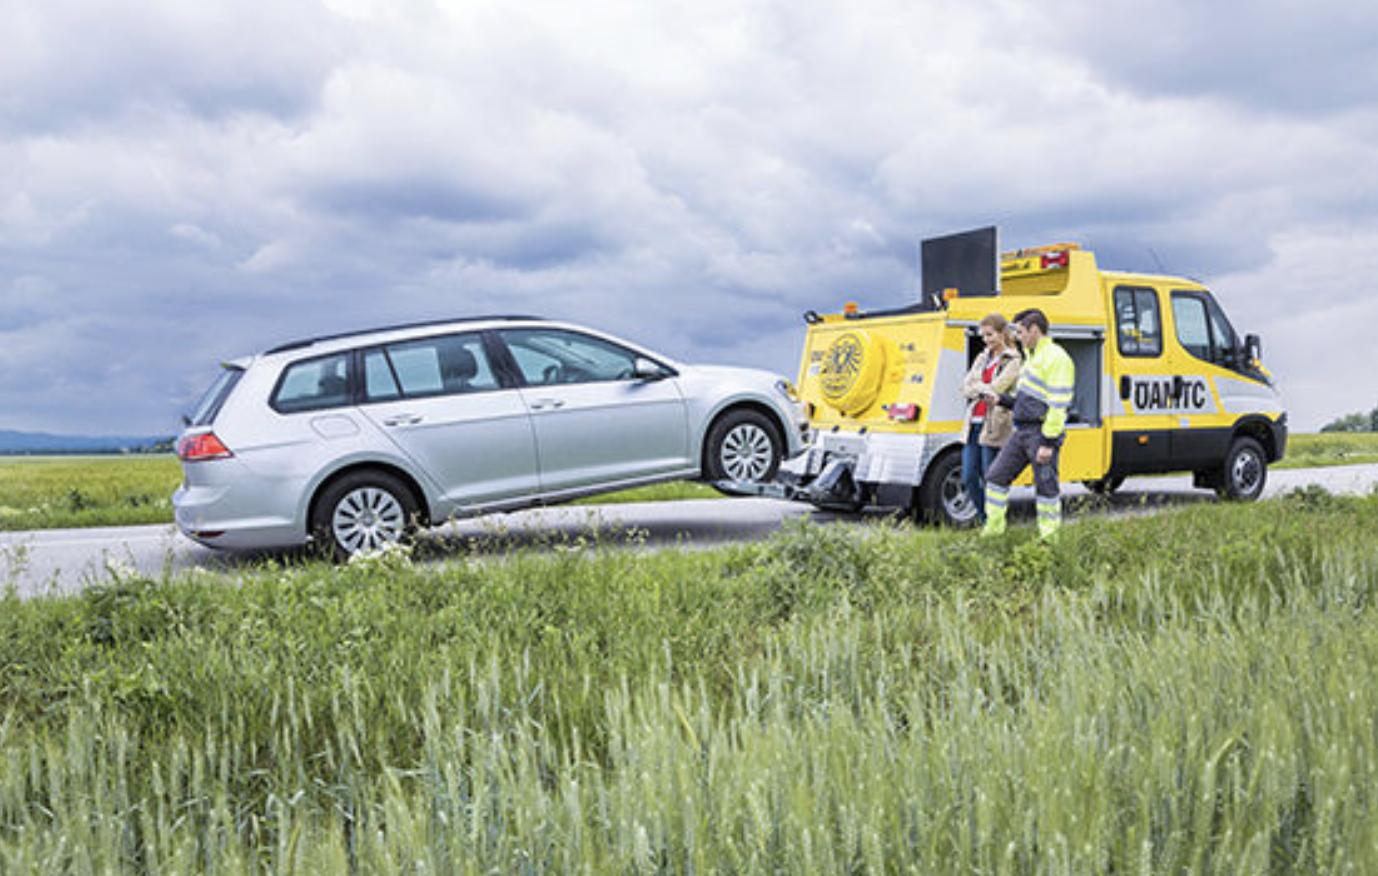 Pannenhilfe ÖAMTC silbernes Fahrzeug aufgeladen auf ÖAMTC Pannenfahrzeug